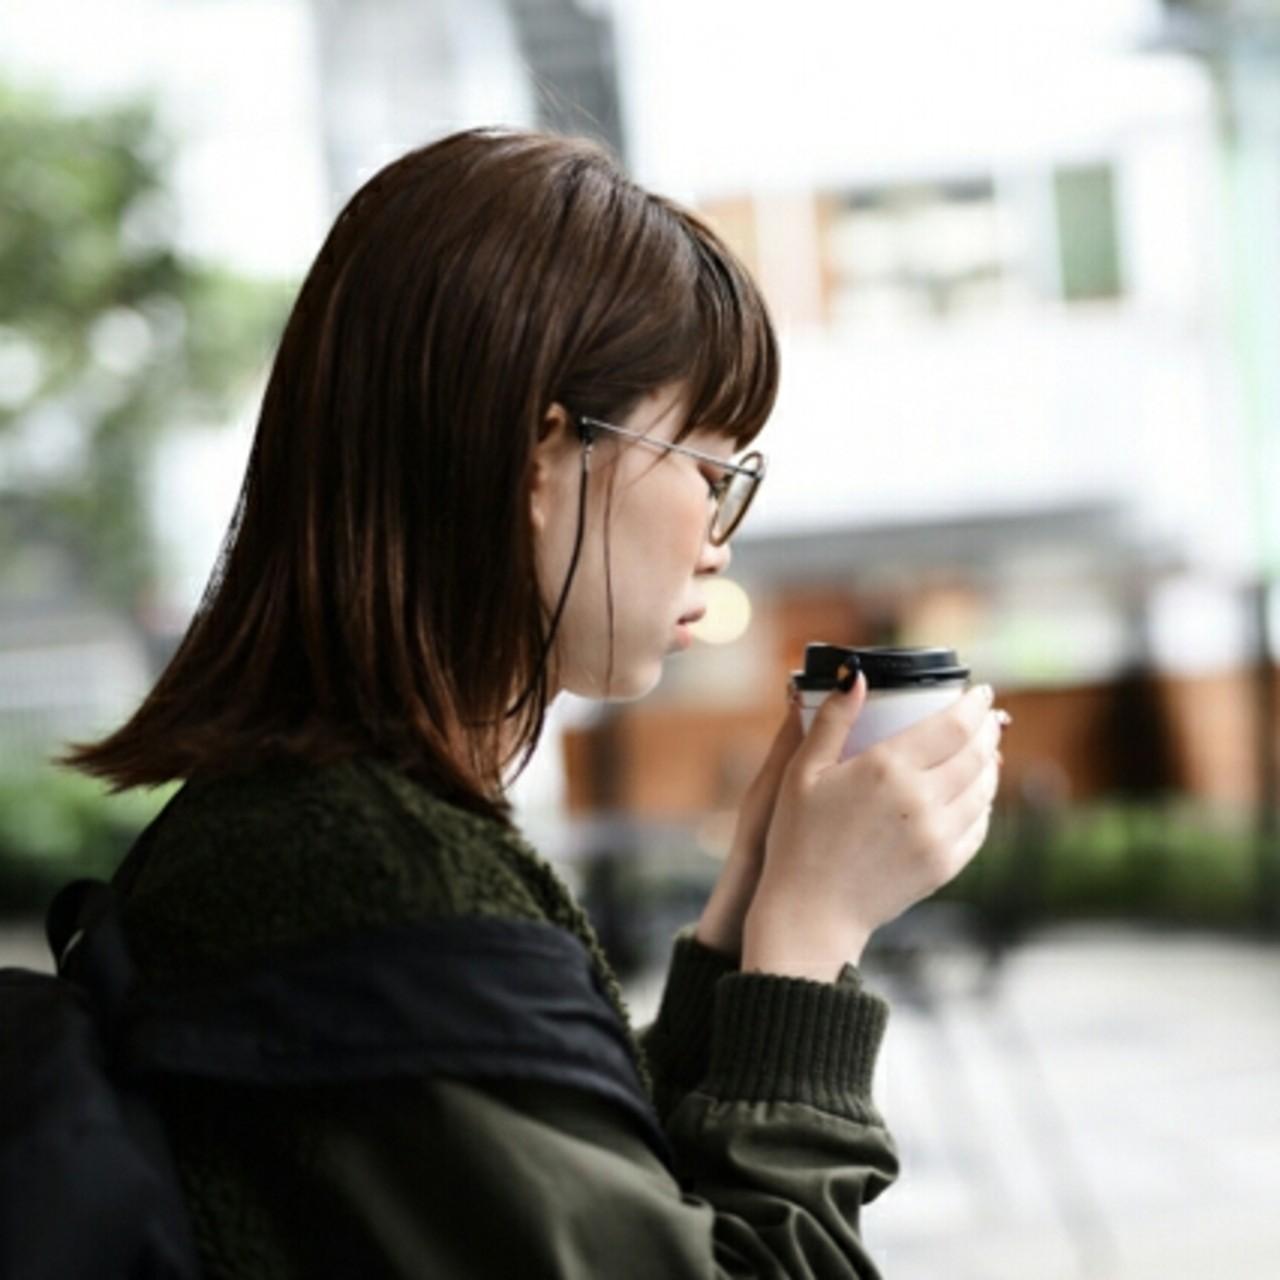 前髪あり アッシュ ナチュラル 透明感 ヘアスタイルや髪型の写真・画像